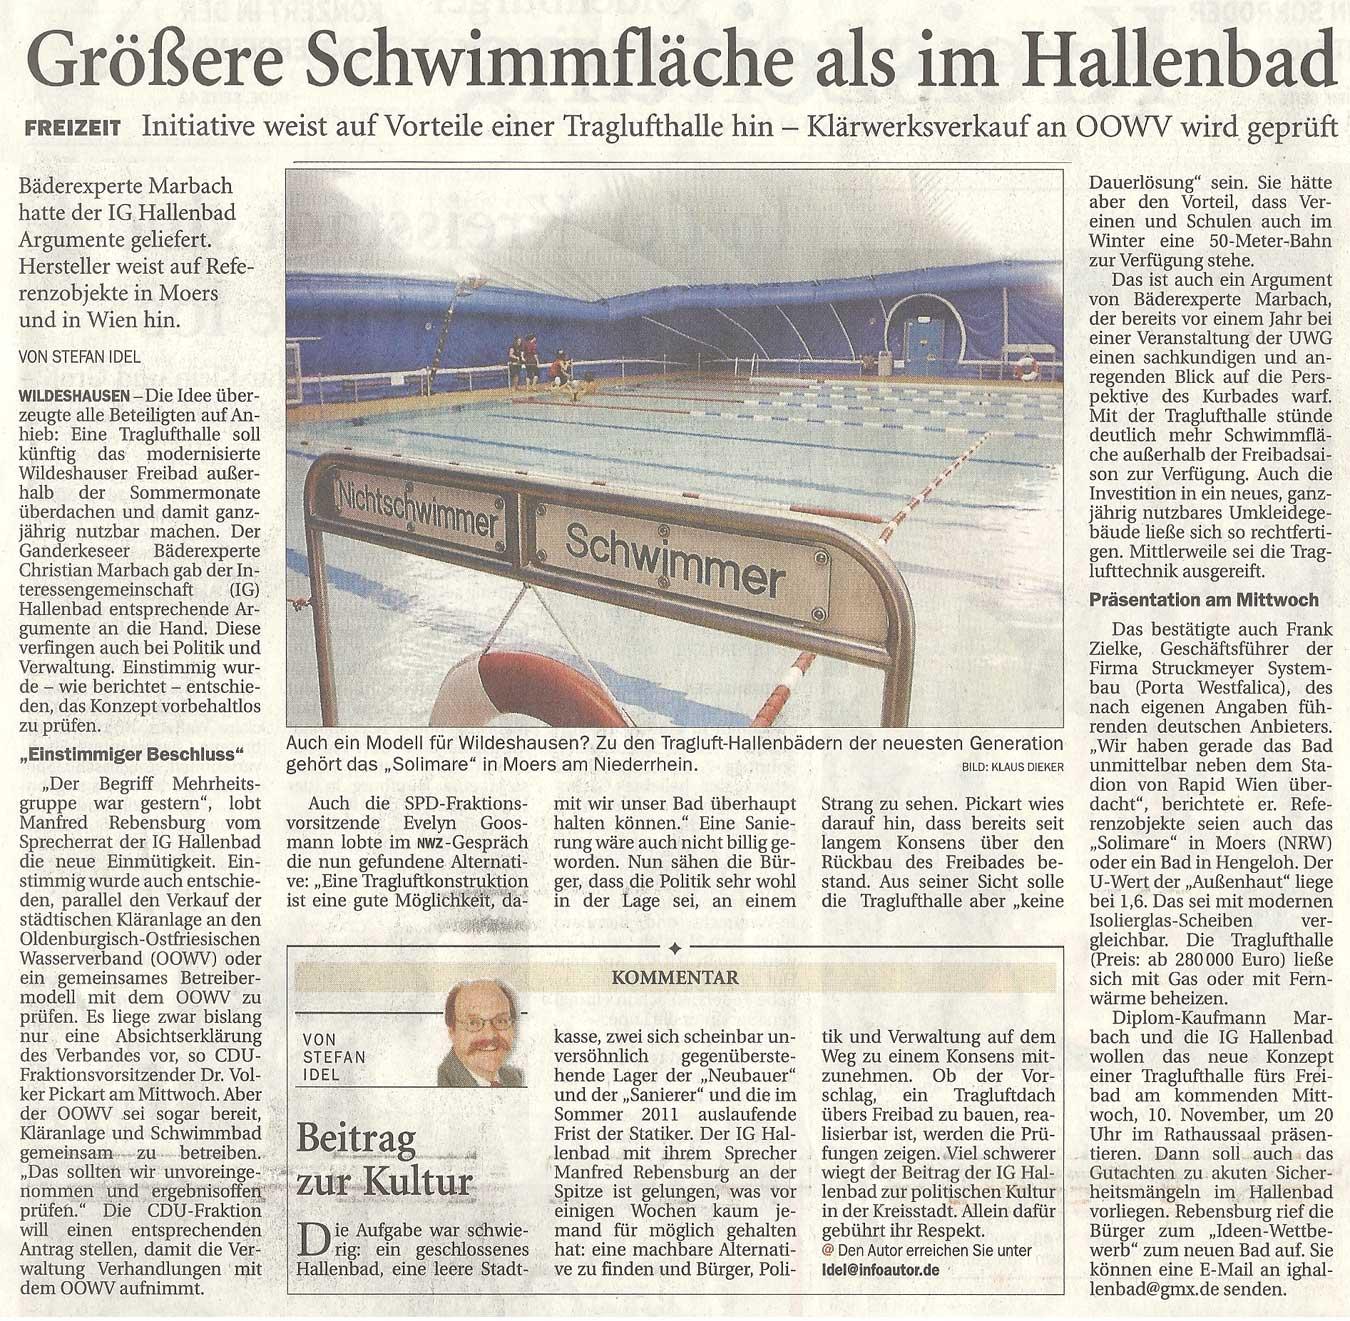 Größere Schwimmfläche als im HallenbadFreizeit: Initiative weist auf Vorteile einer Traglufthalle hin - Klärwerksverkauf an OOWV wird geprüftArtikel vom 04.11.2010 (NWZ)